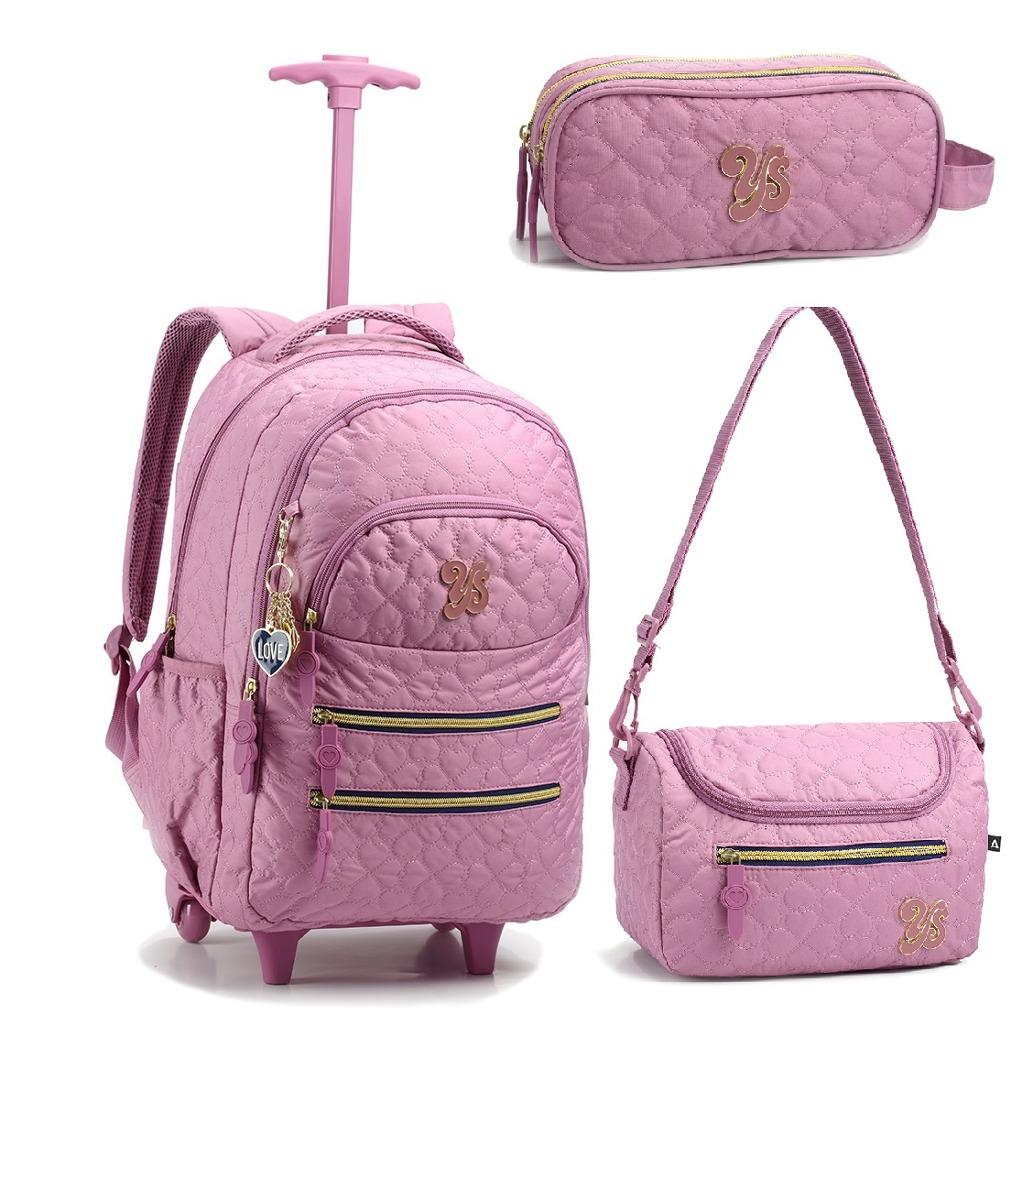 f9c027392 kit mochila escolar infantil com rodinhas em promoção 2019. Carregando zoom.